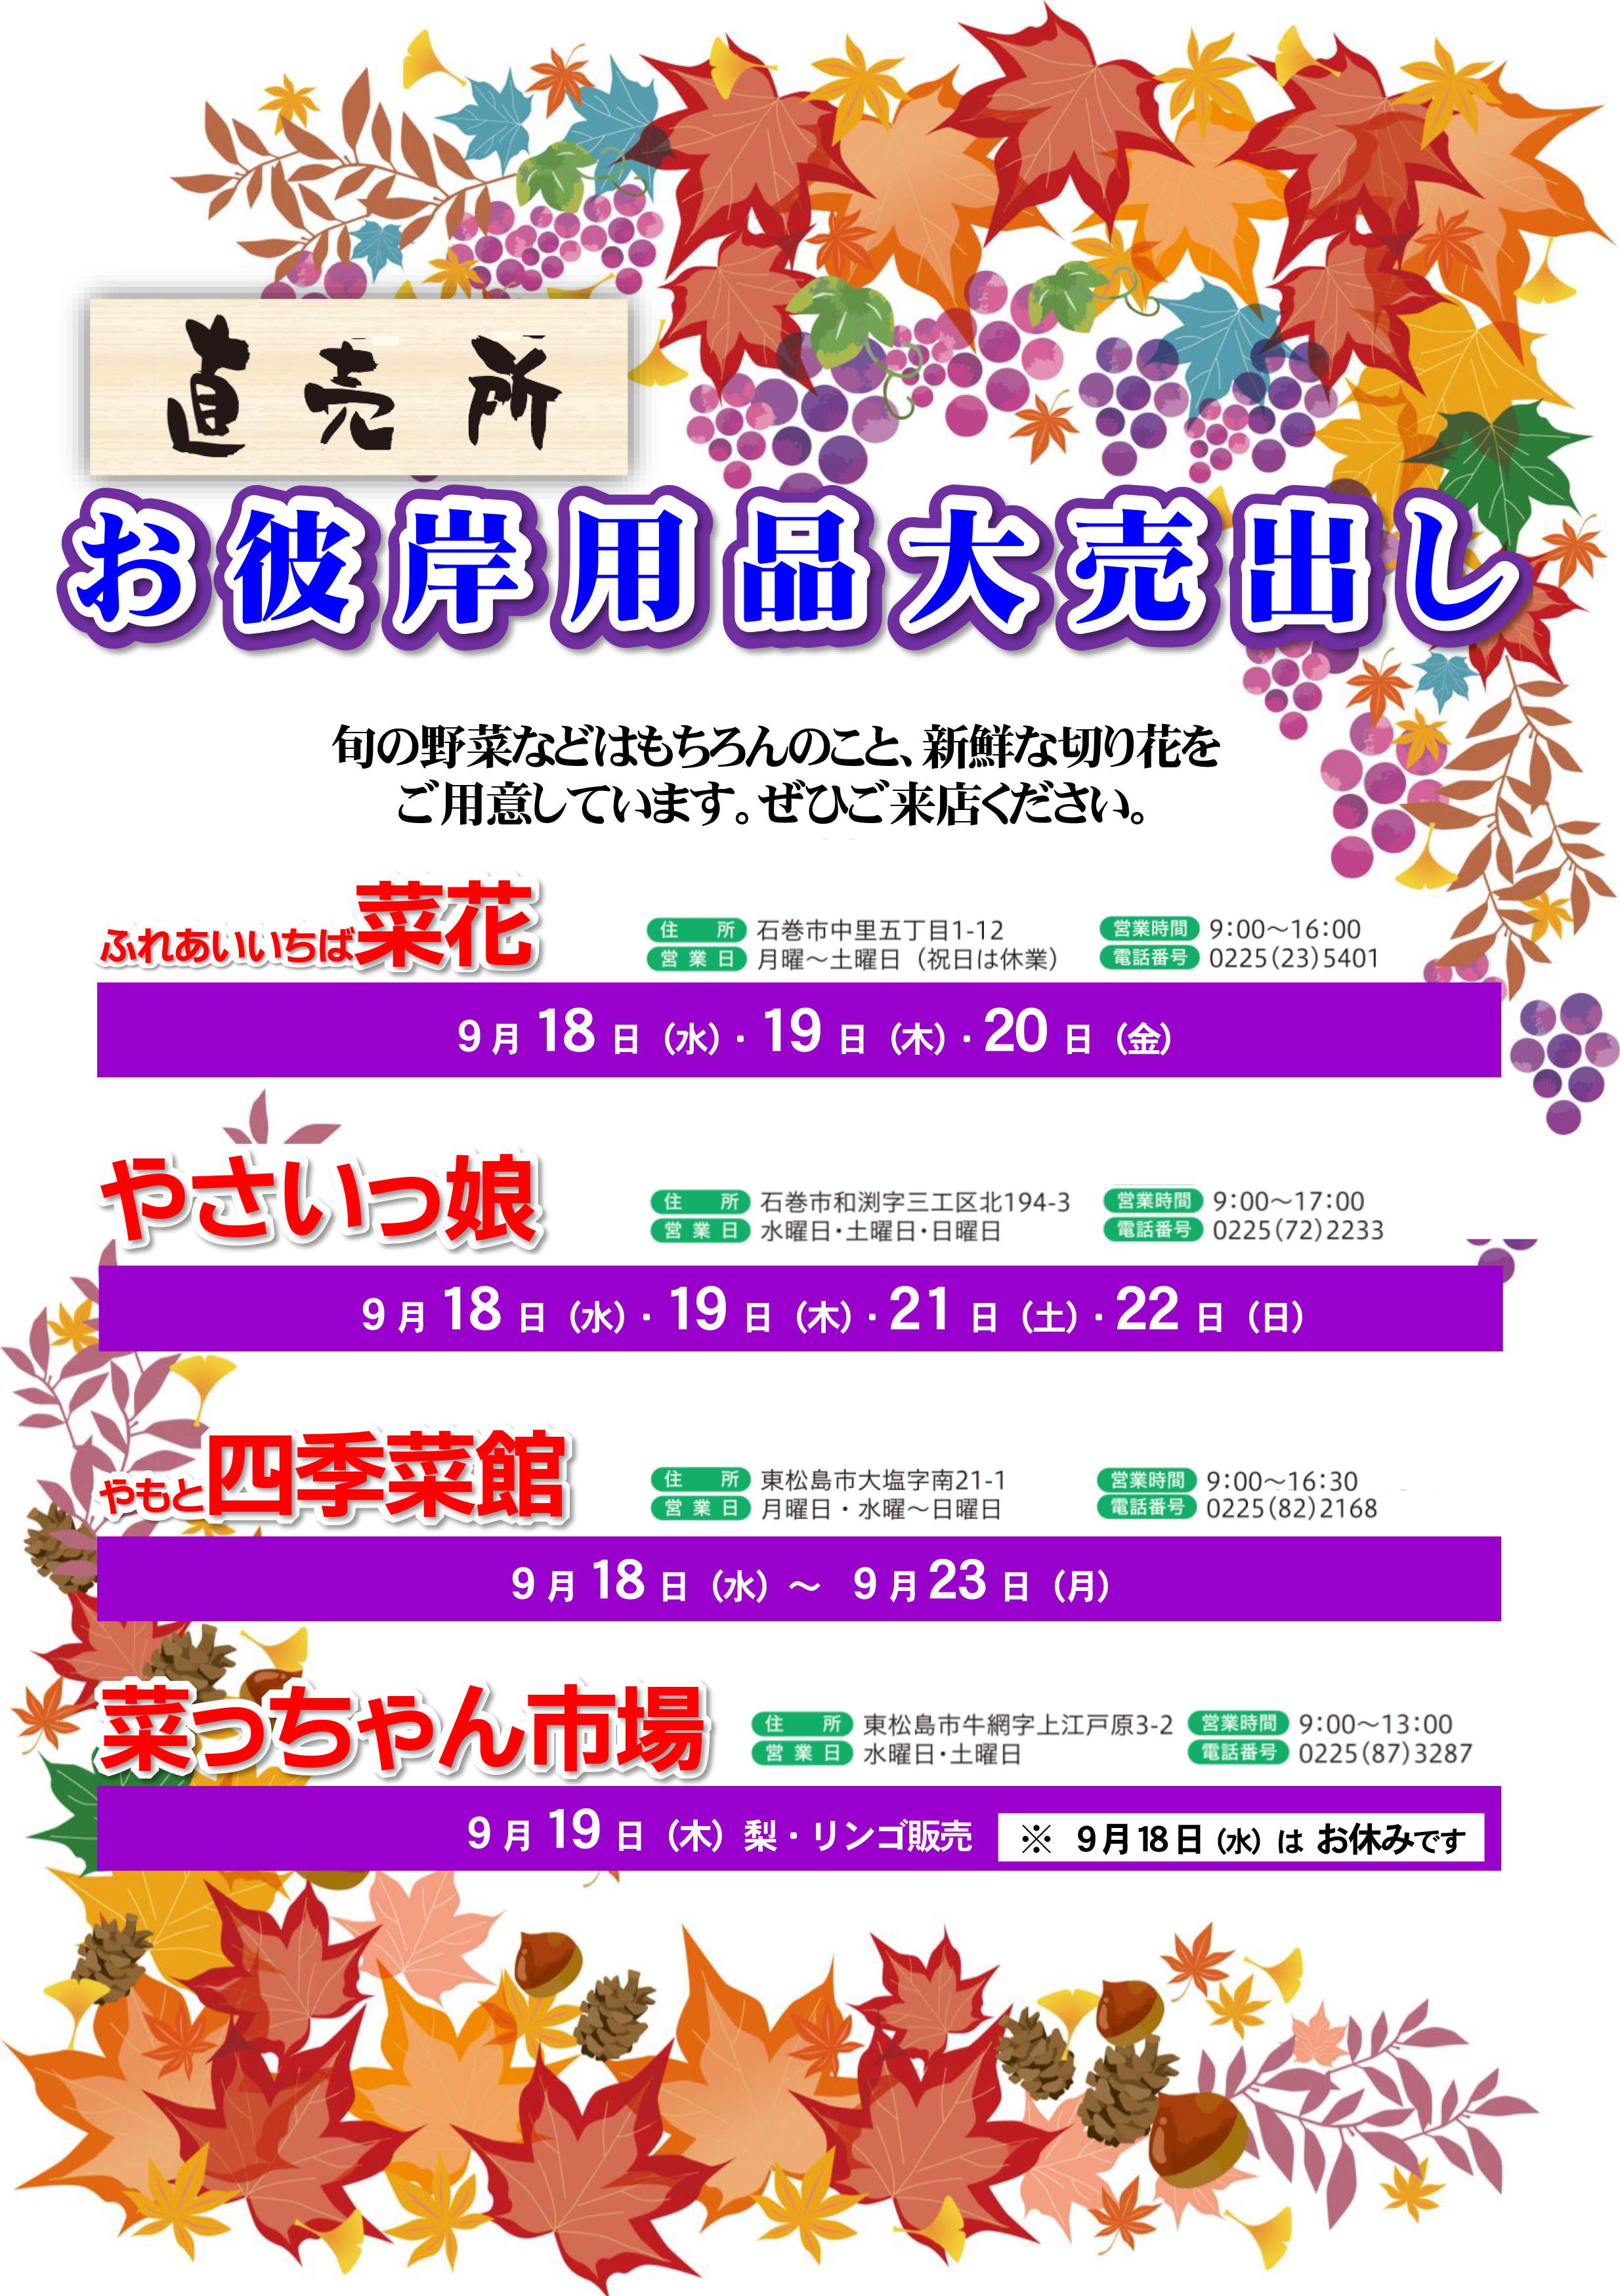 【ポストチラシ】2019.9新3-2